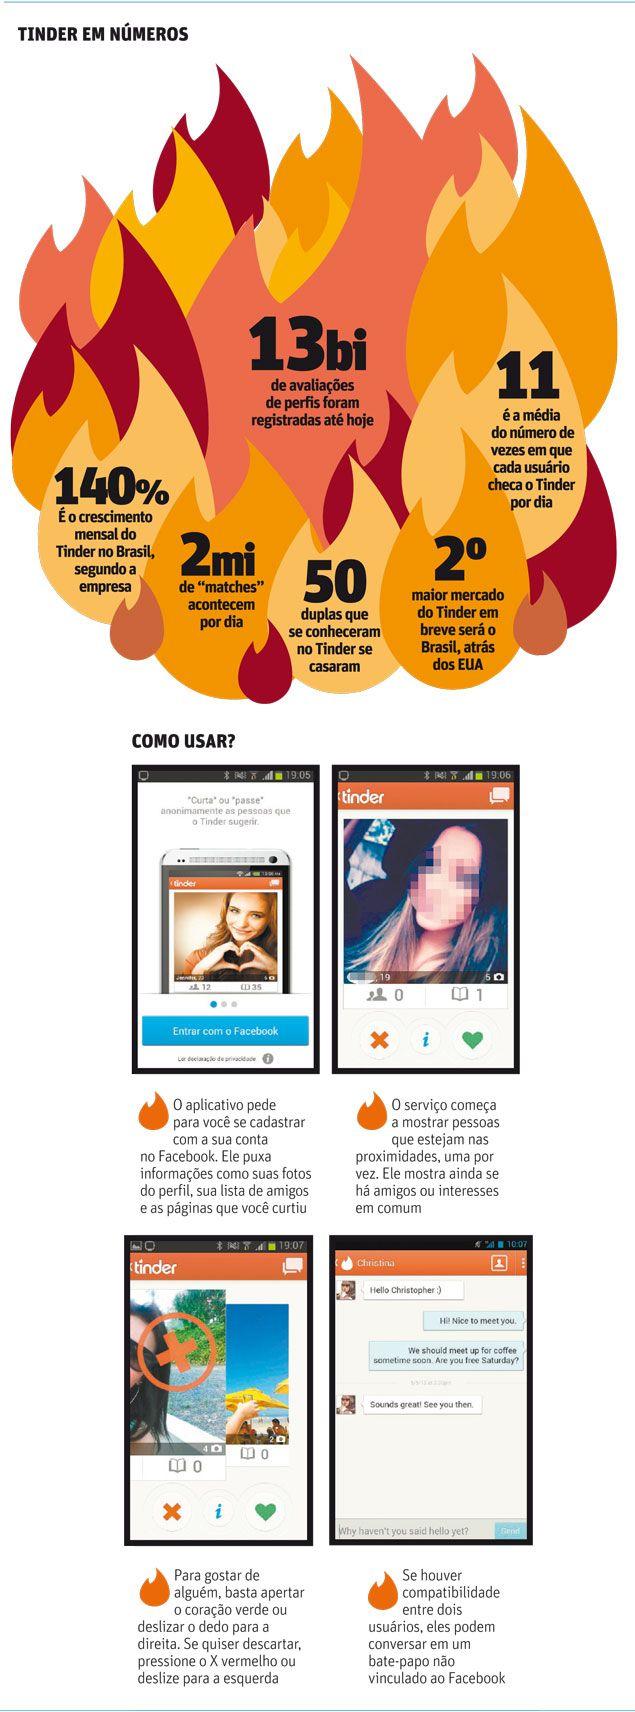 """O Tinder é um aplicativo para """"marcar encontros"""" com pessoas interessantes e cresce 140% ao mês no Brasil.  Você já conhece? Já usou?  http://www.edialog.com.br/midia-social/tinder-namorar-via-internet/"""